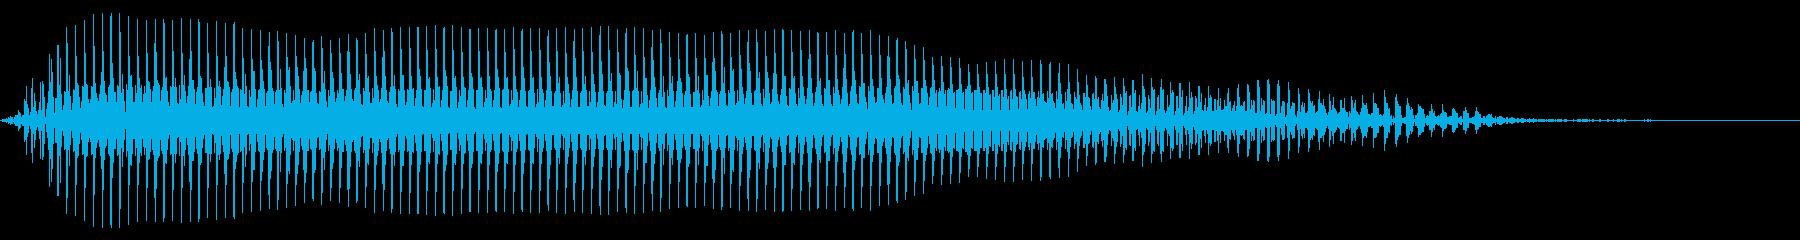 残念 失敗 トランペットの再生済みの波形